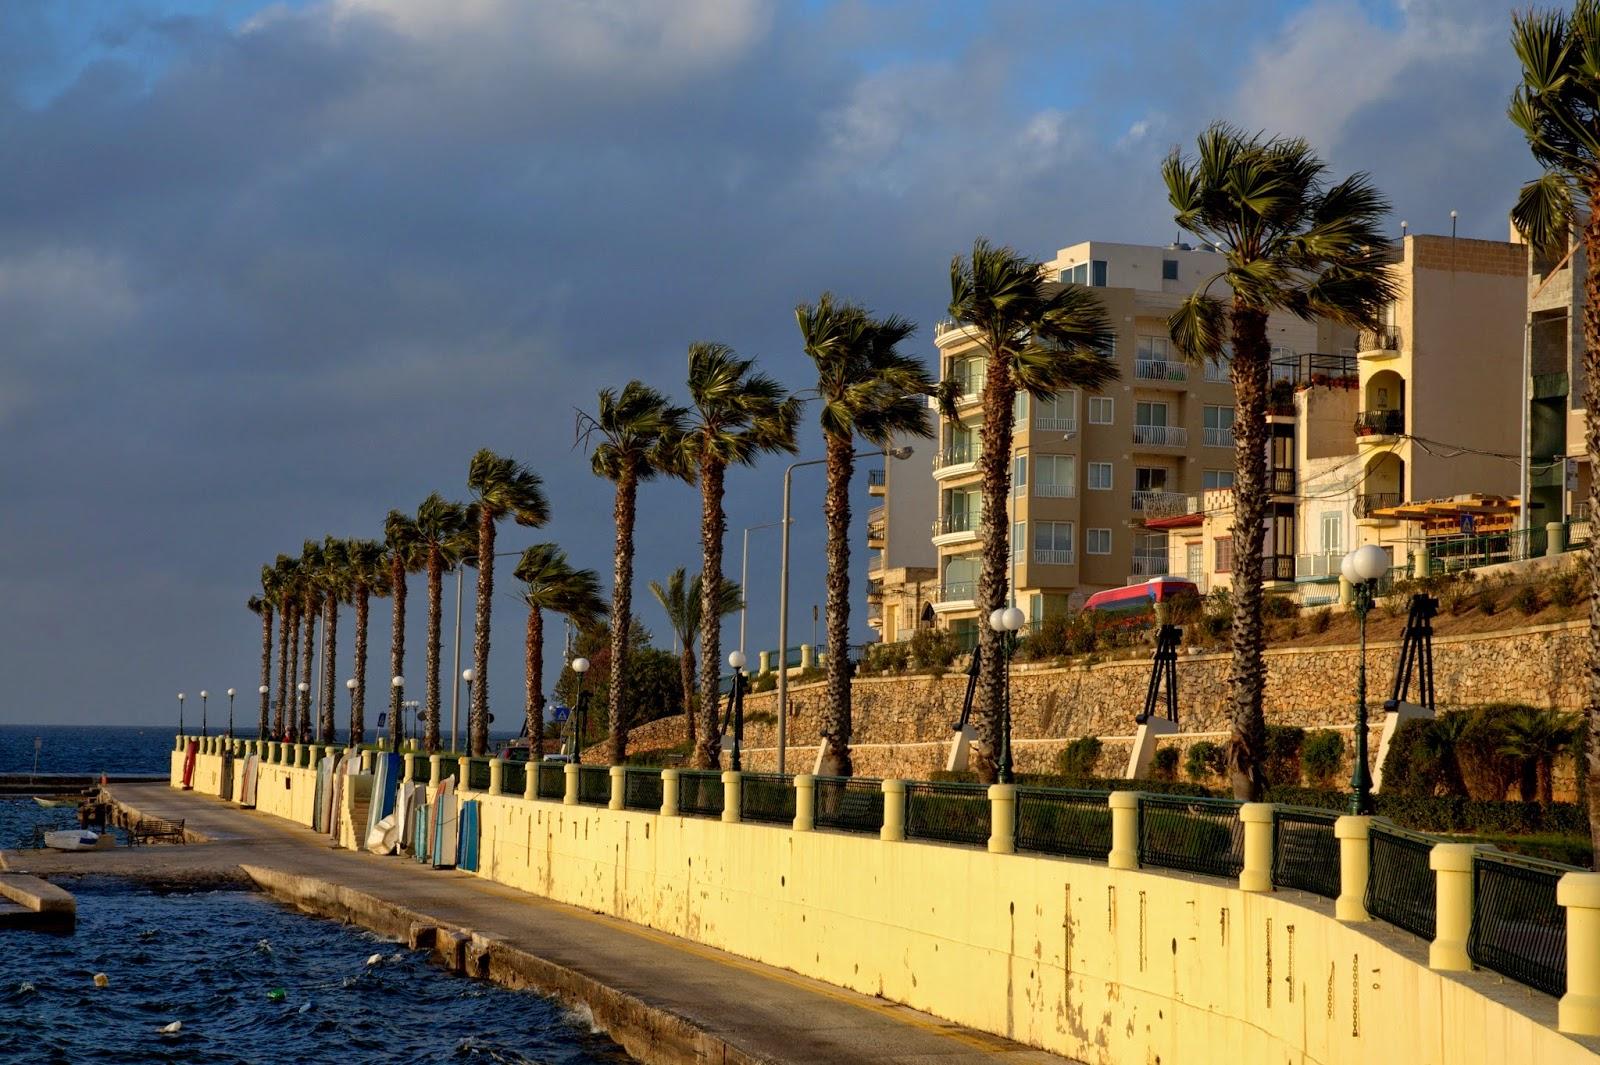 wietrzna strona Malty w kwietniu